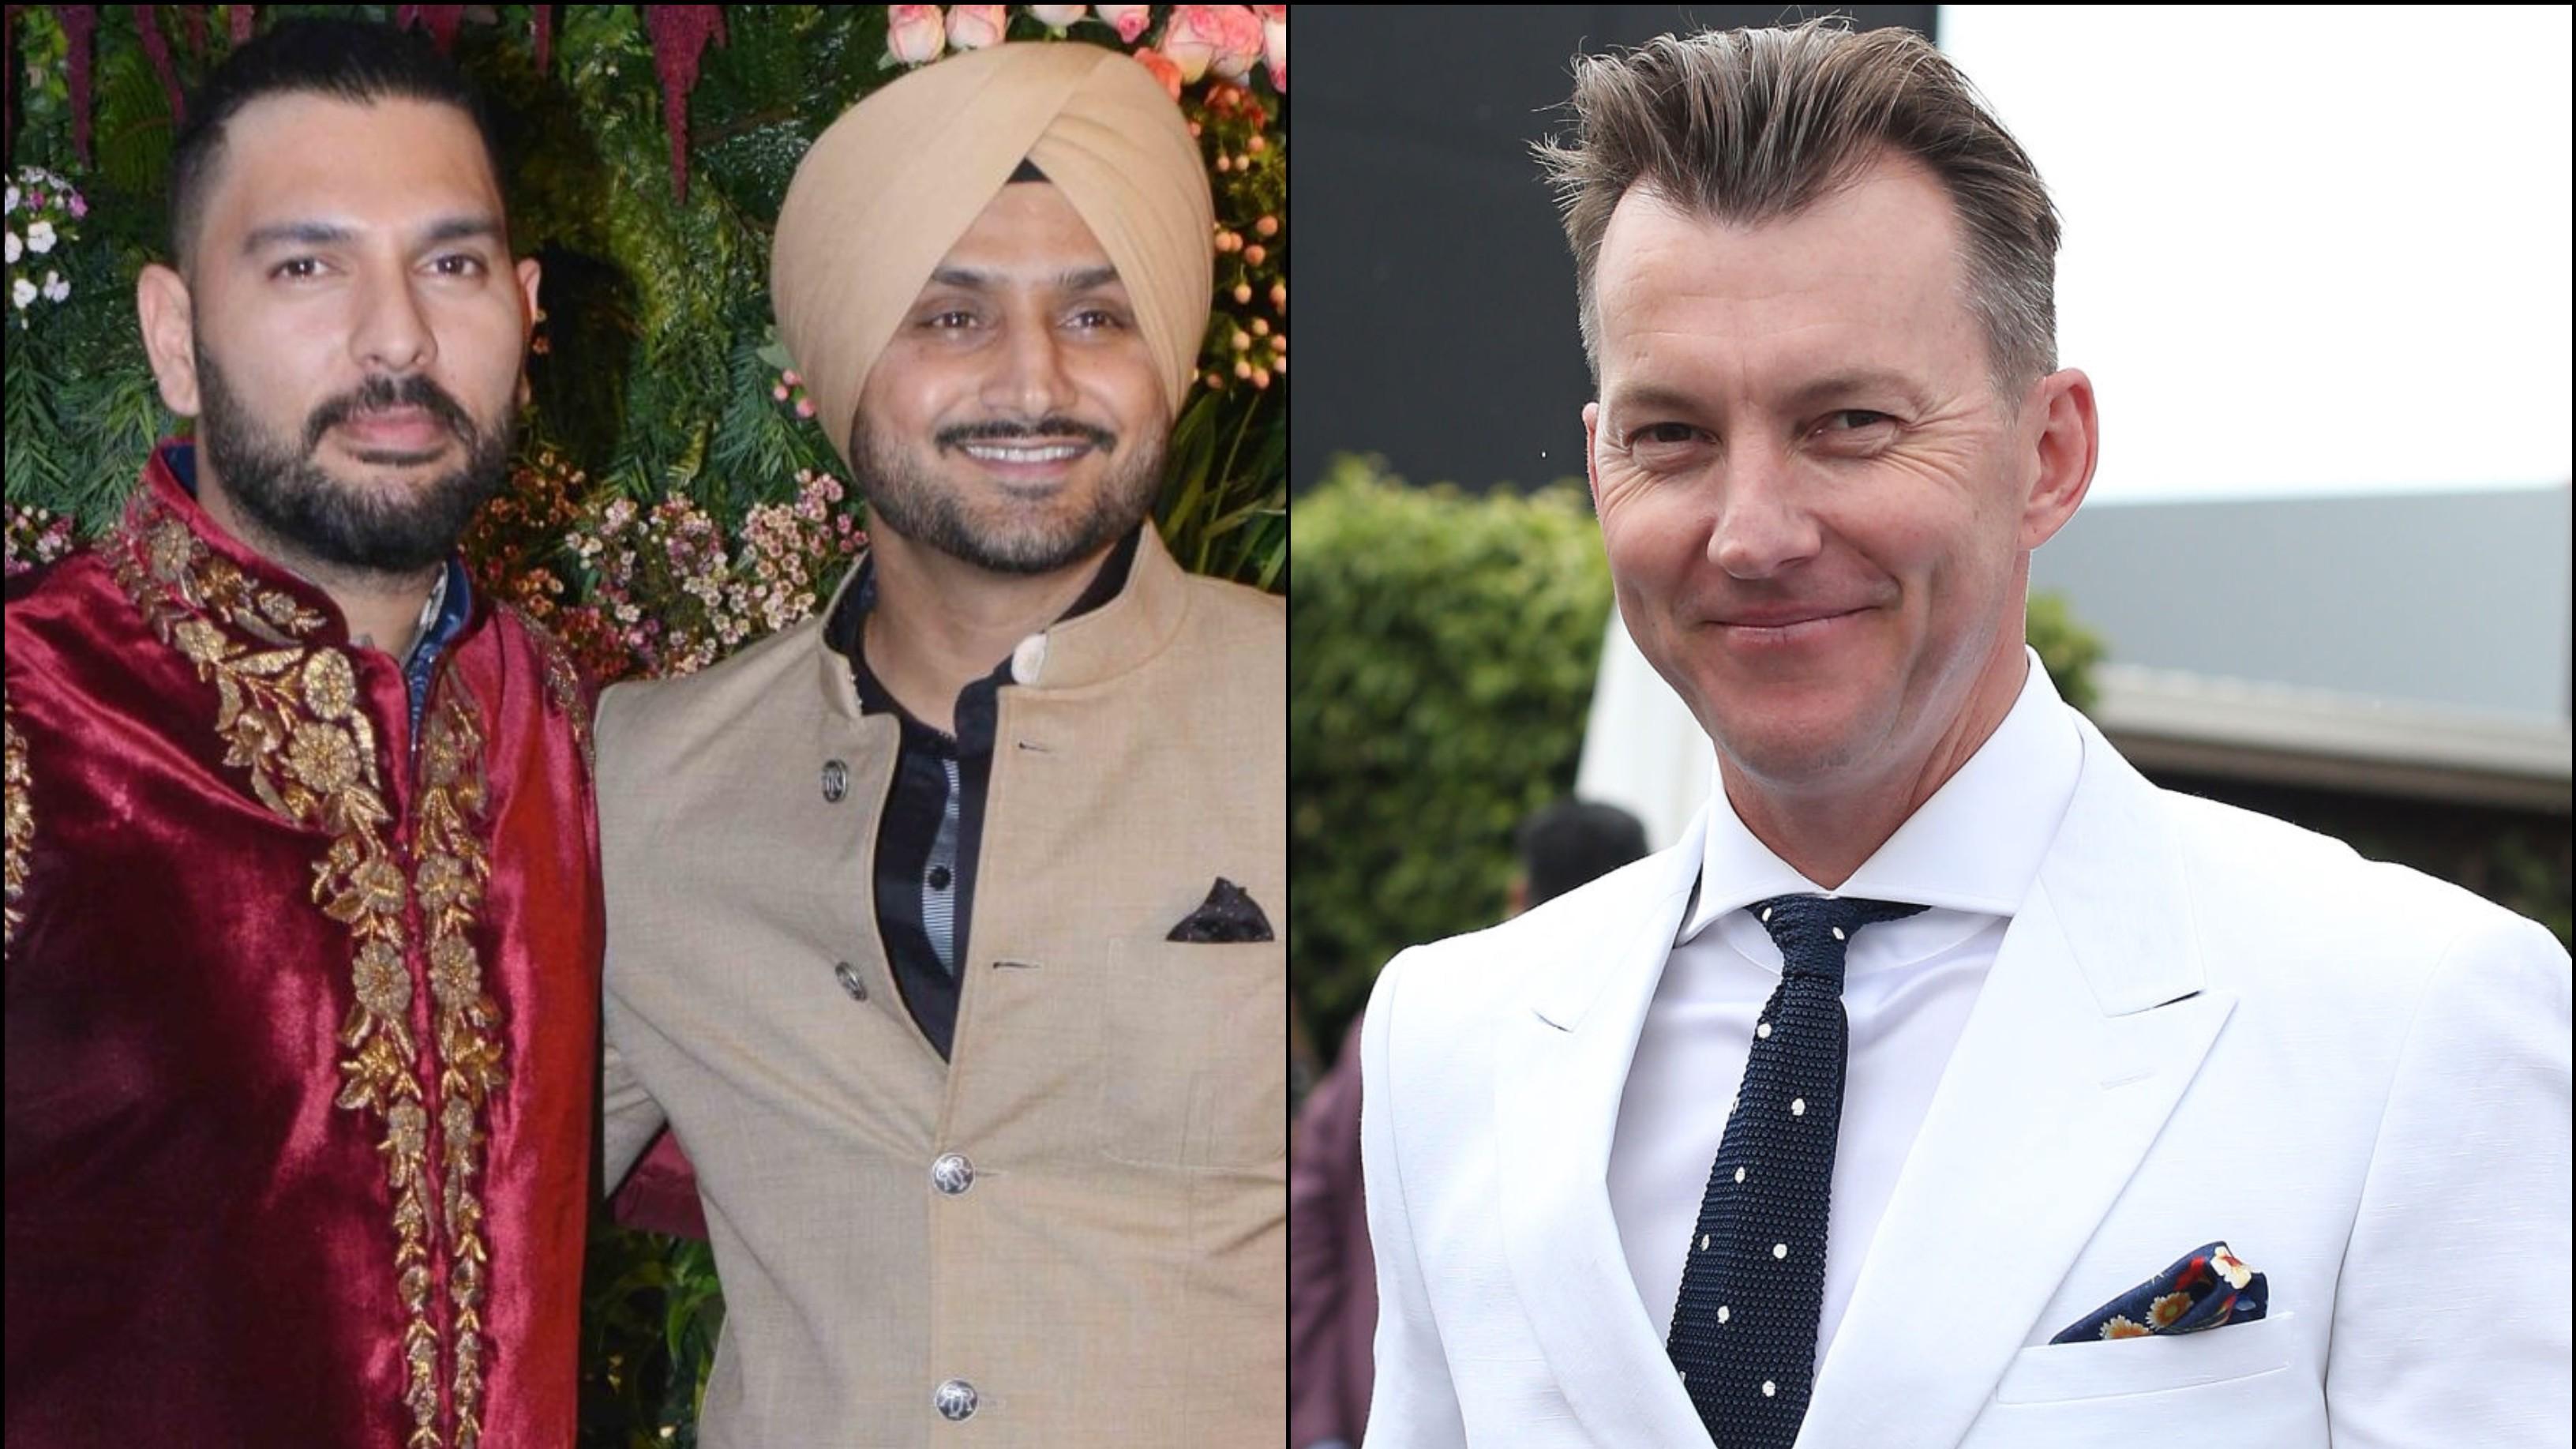 युवराज सिंह और हरभजन सिंह ने ब्रेट ली को दी मजाकिया ढंग से जन्मदिन की बधाई